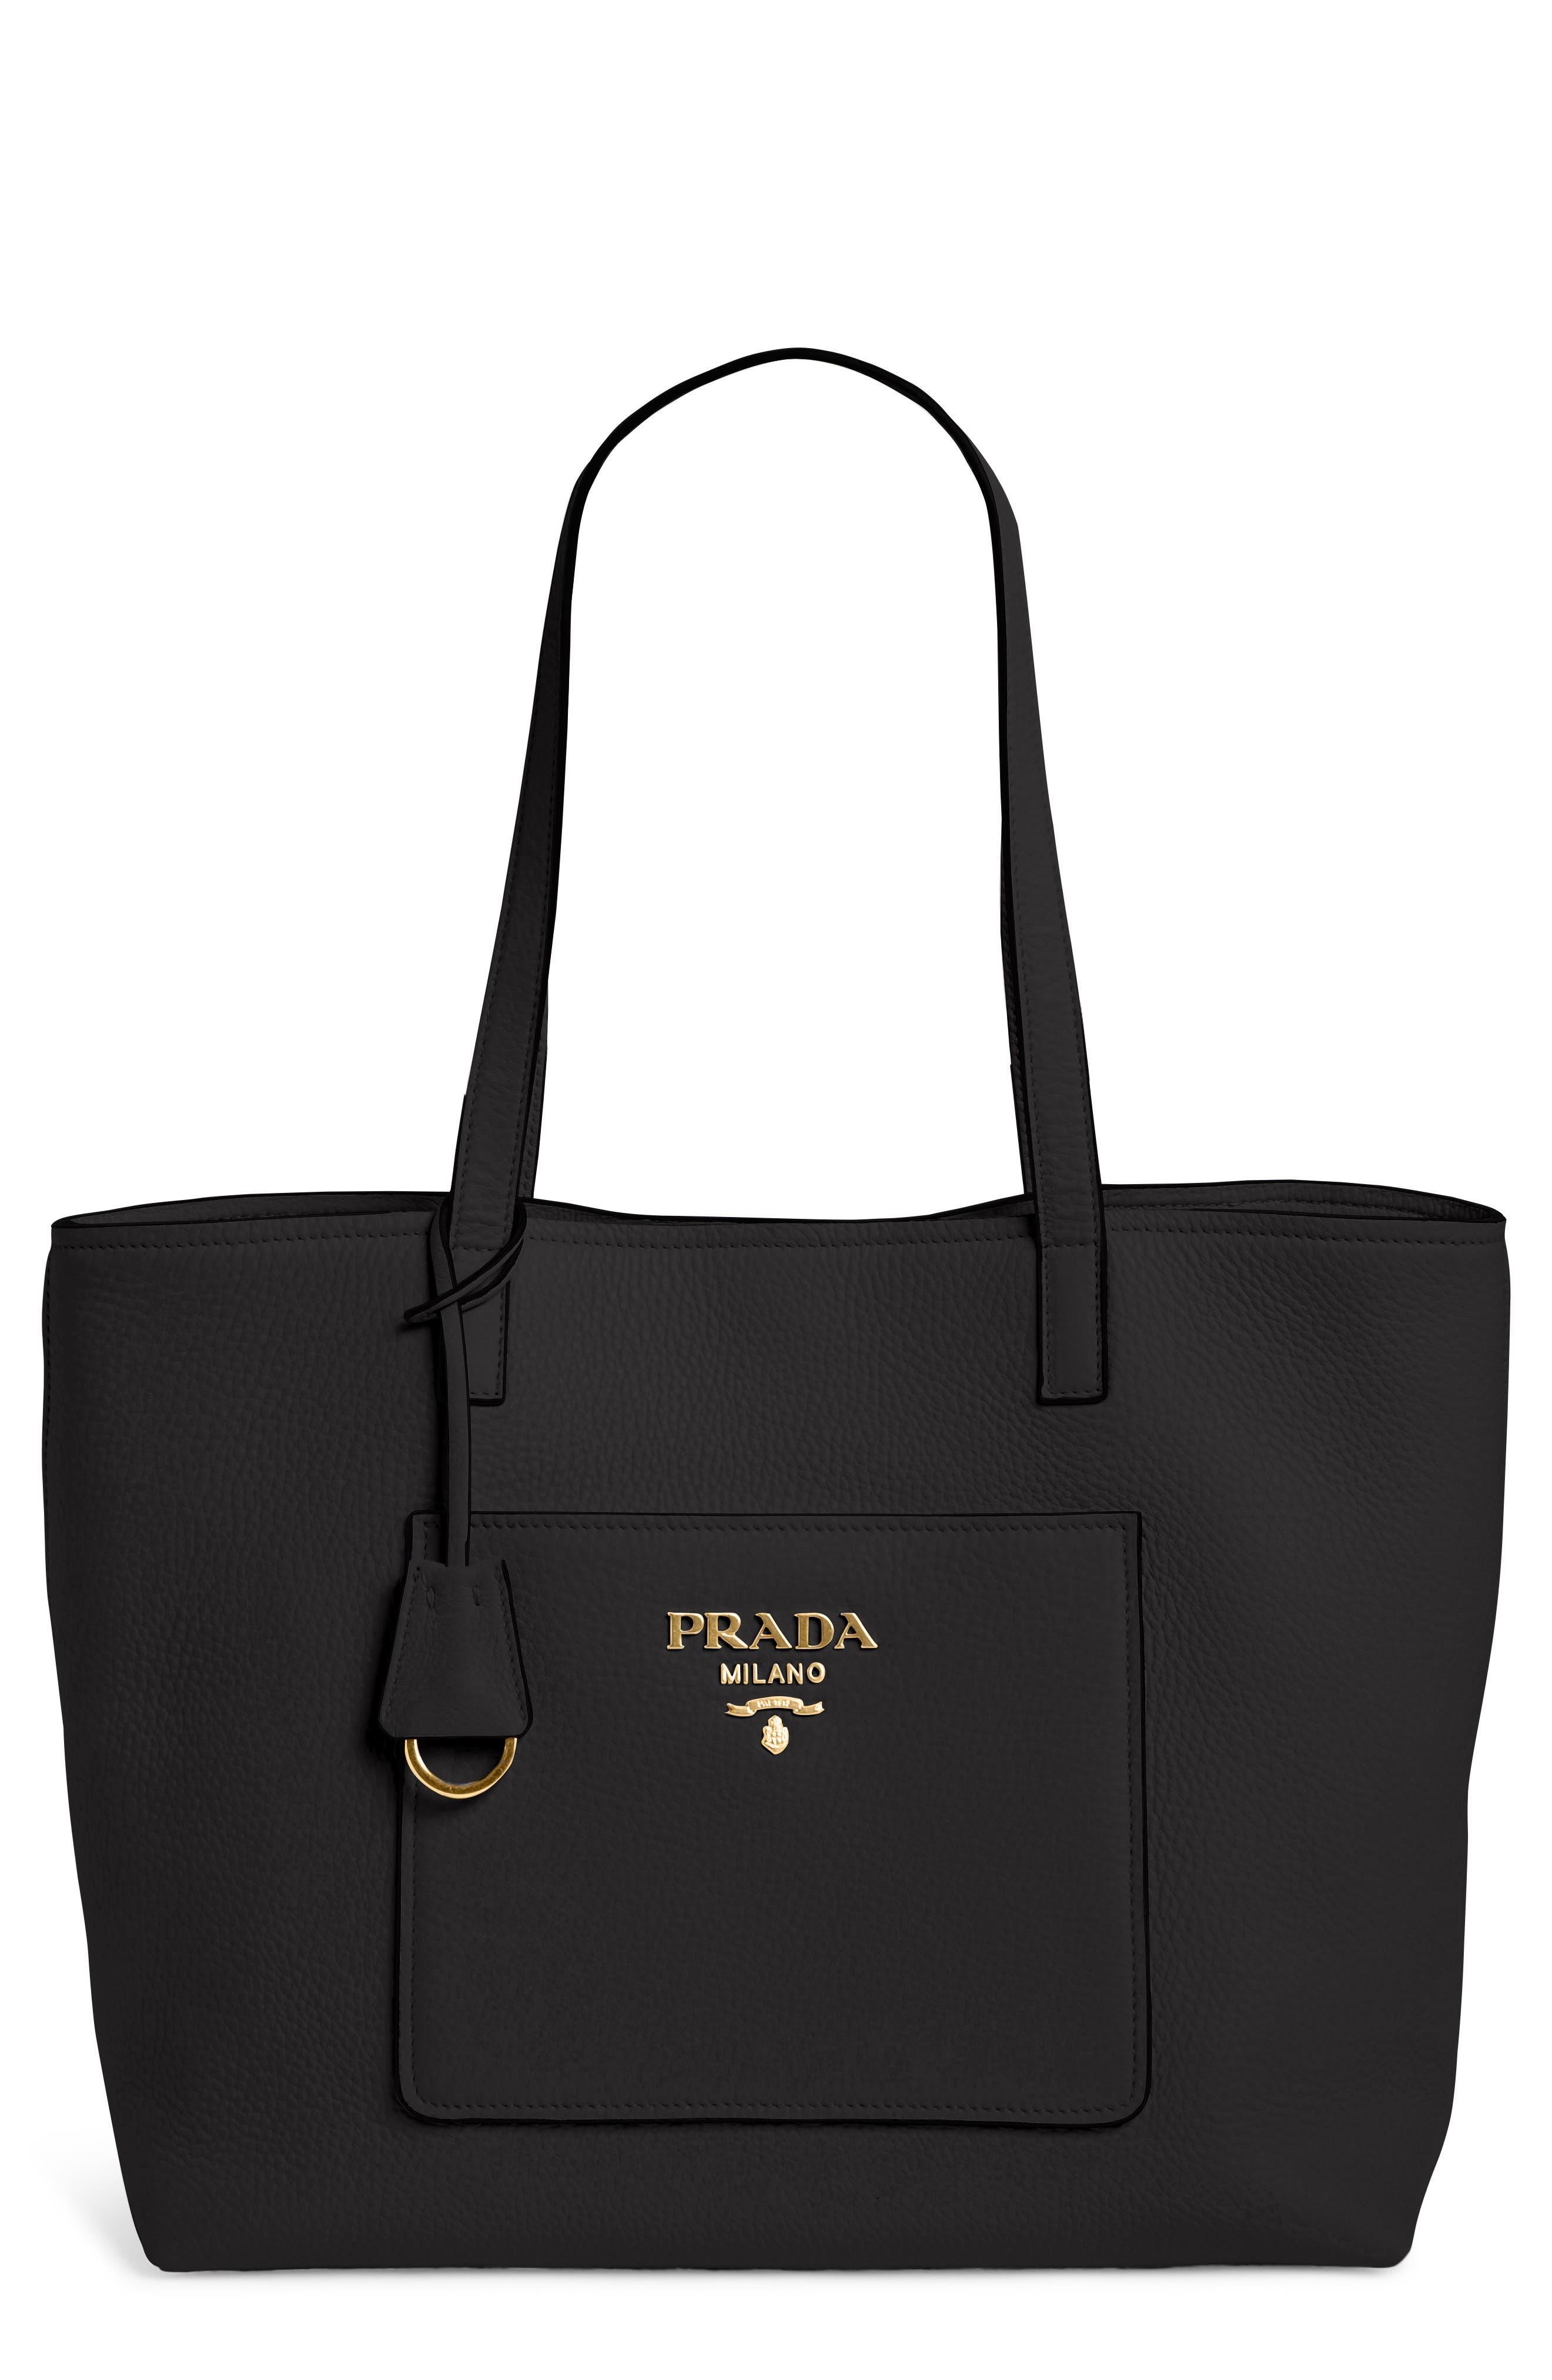 c1c0a444b1ec Prada Handbags & Purses | Nordstrom